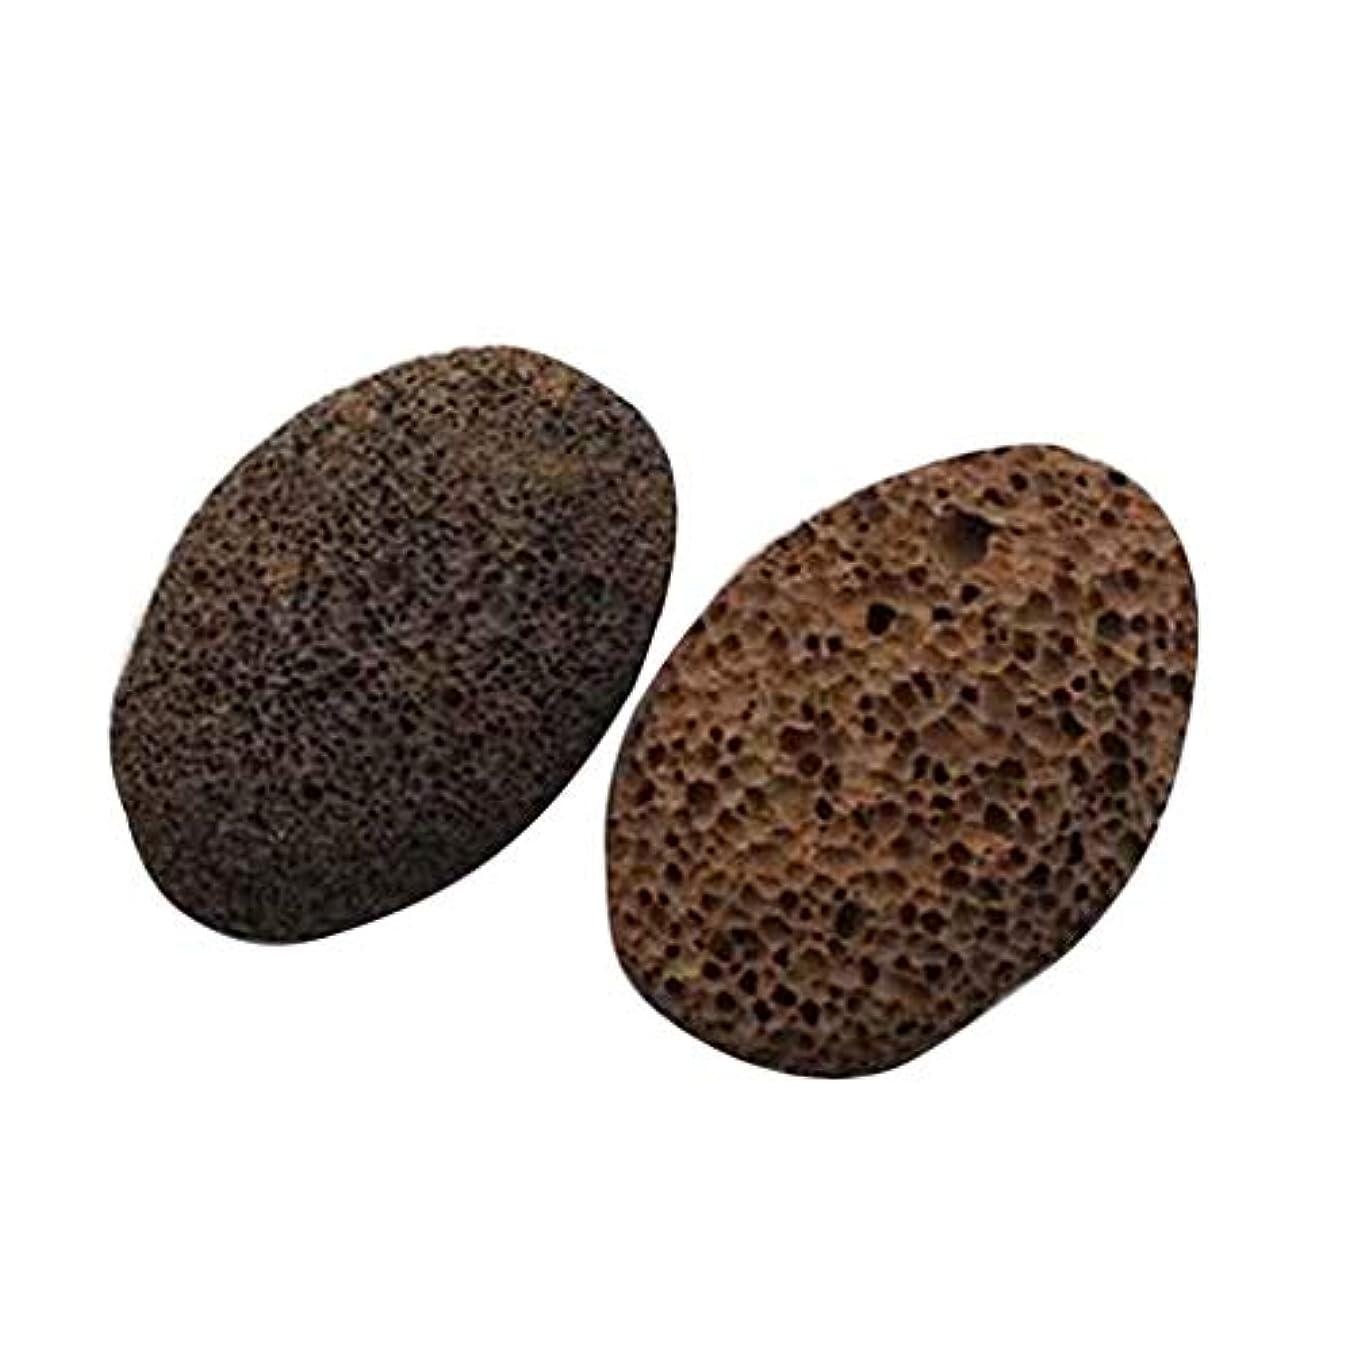 複雑ロールモッキンバードNerhaily 死んだ皮軽石を取り除き 足石を挽いて 自然の火山石を剥がします 足マッサージ石 ワイプ足石 2個セット